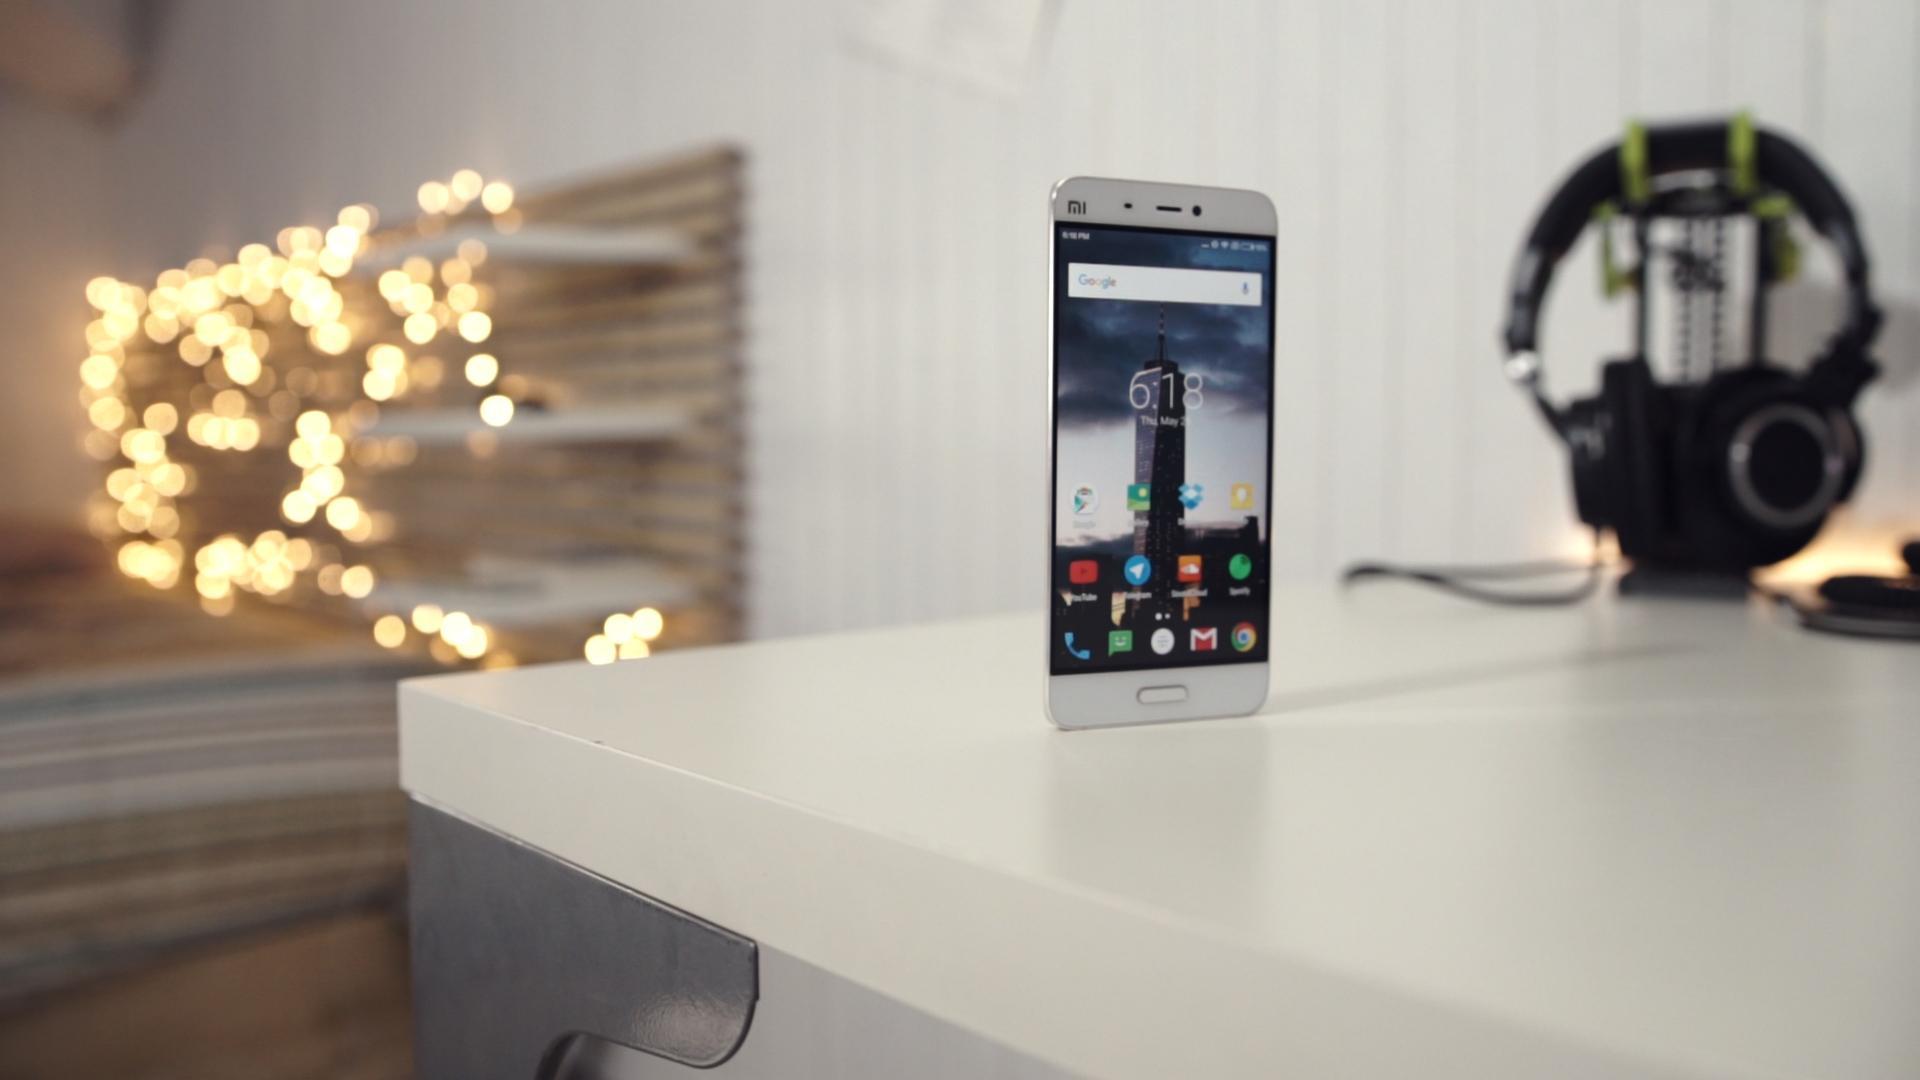 Recensione Xiaomi mi5 display